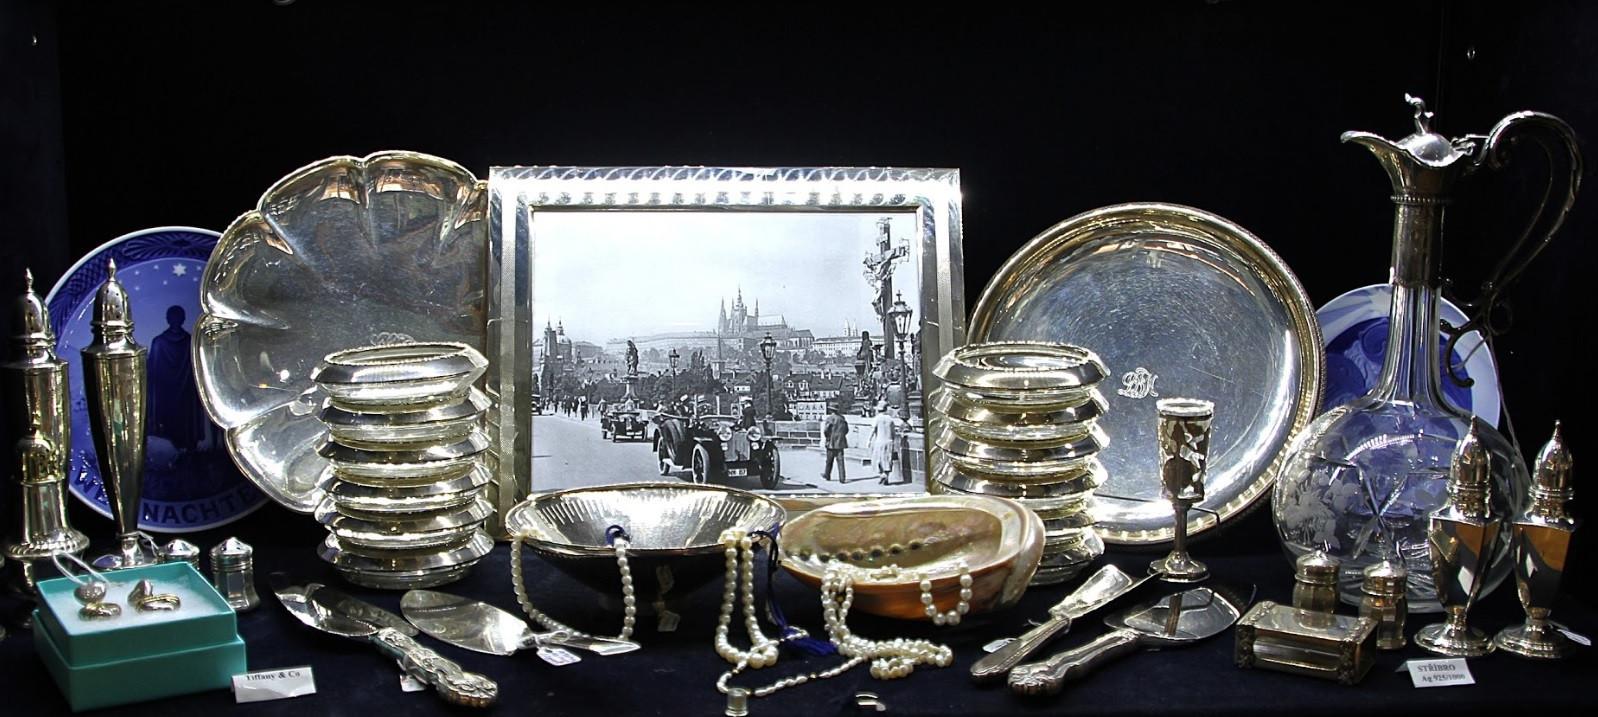 Rodinné stříbro na sváteční tabuli